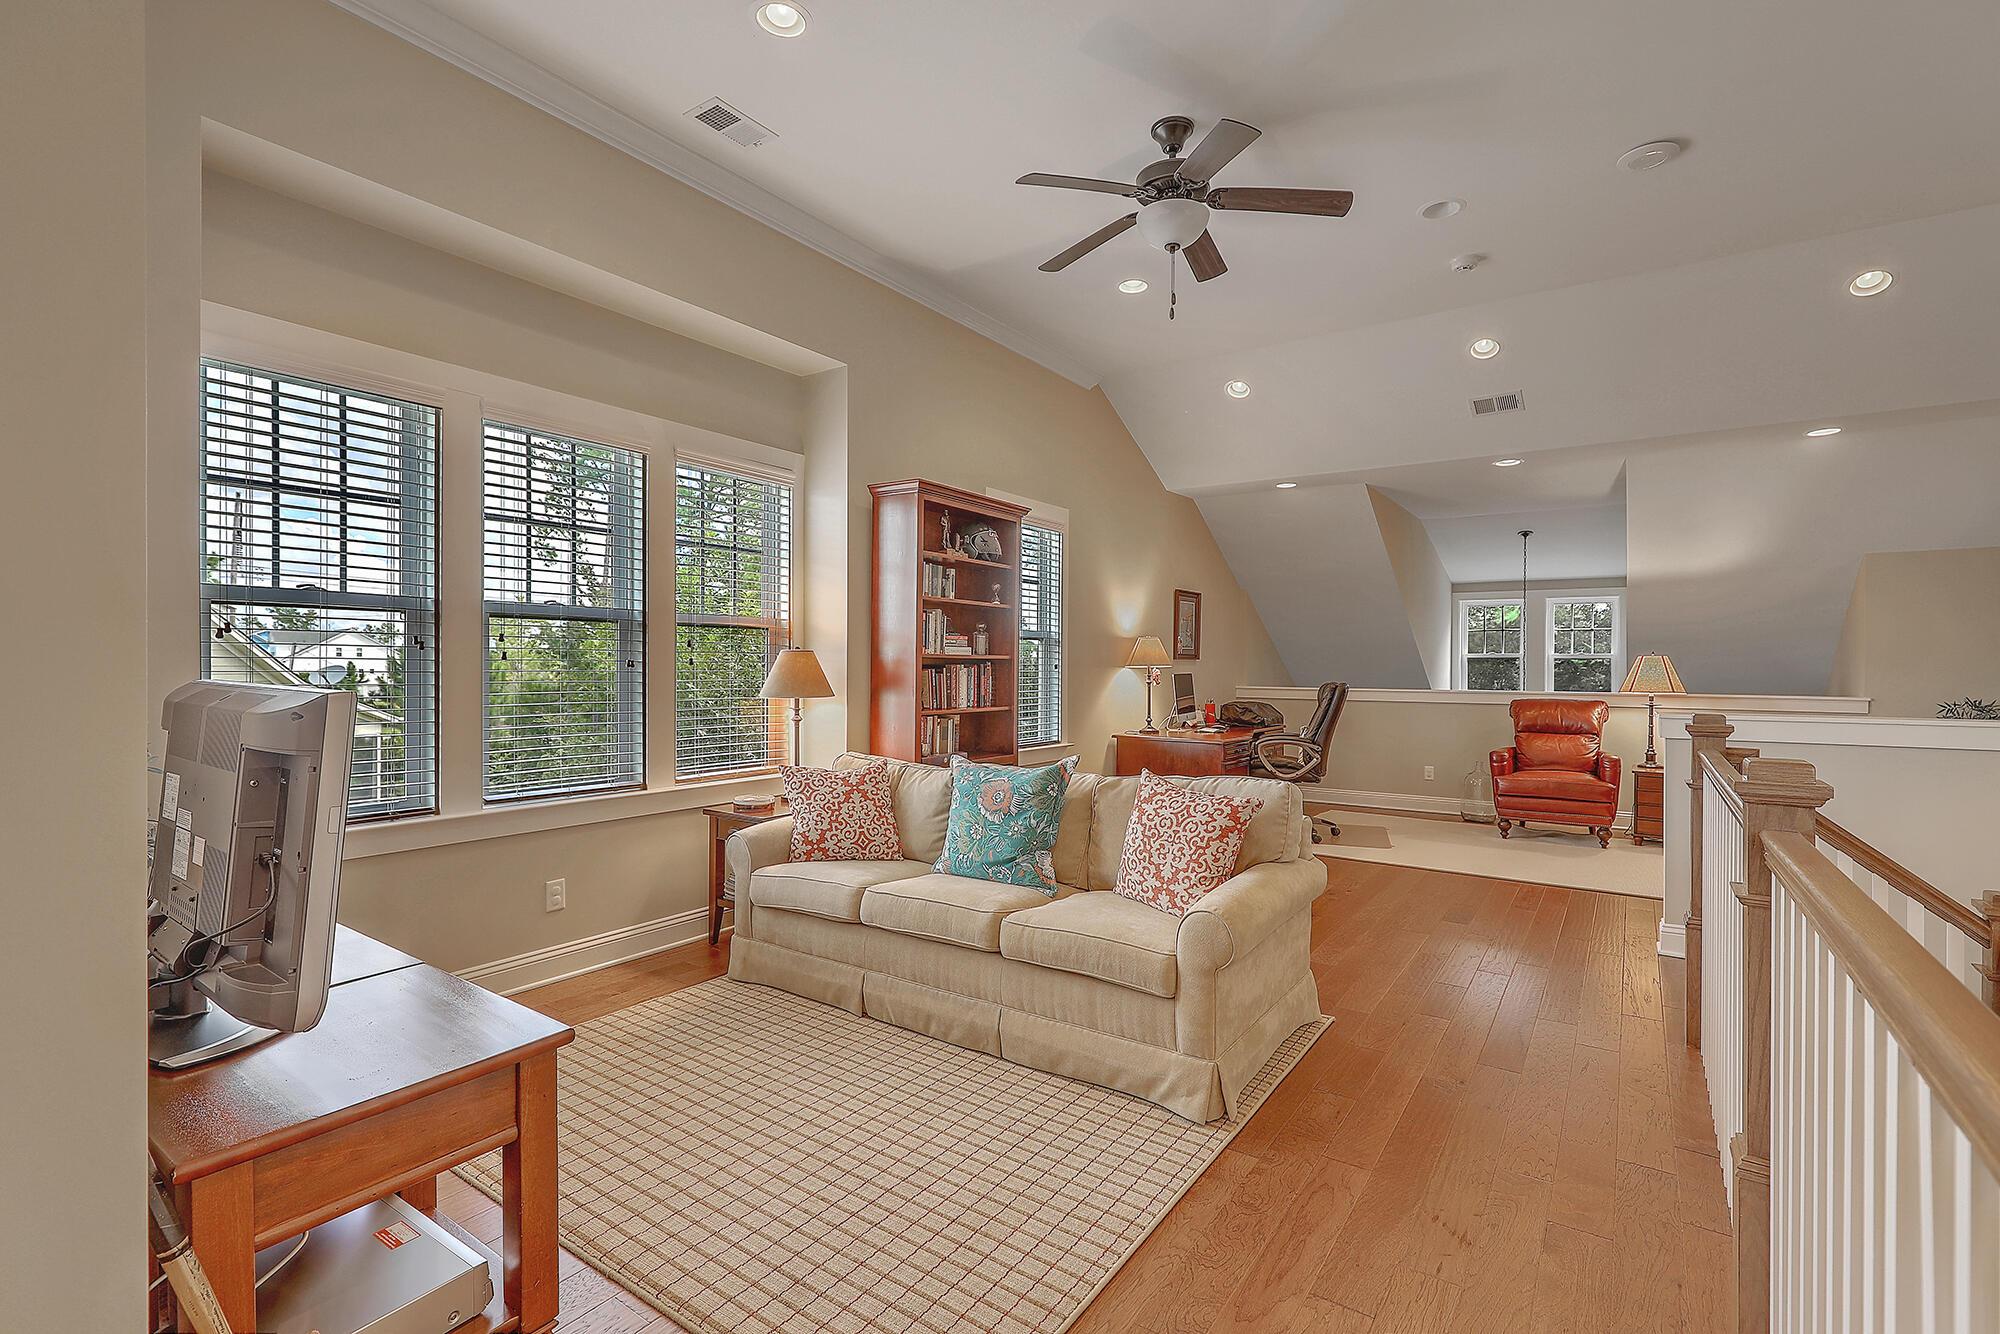 Dunes West Homes For Sale - 3171 Sturbridge, Mount Pleasant, SC - 38